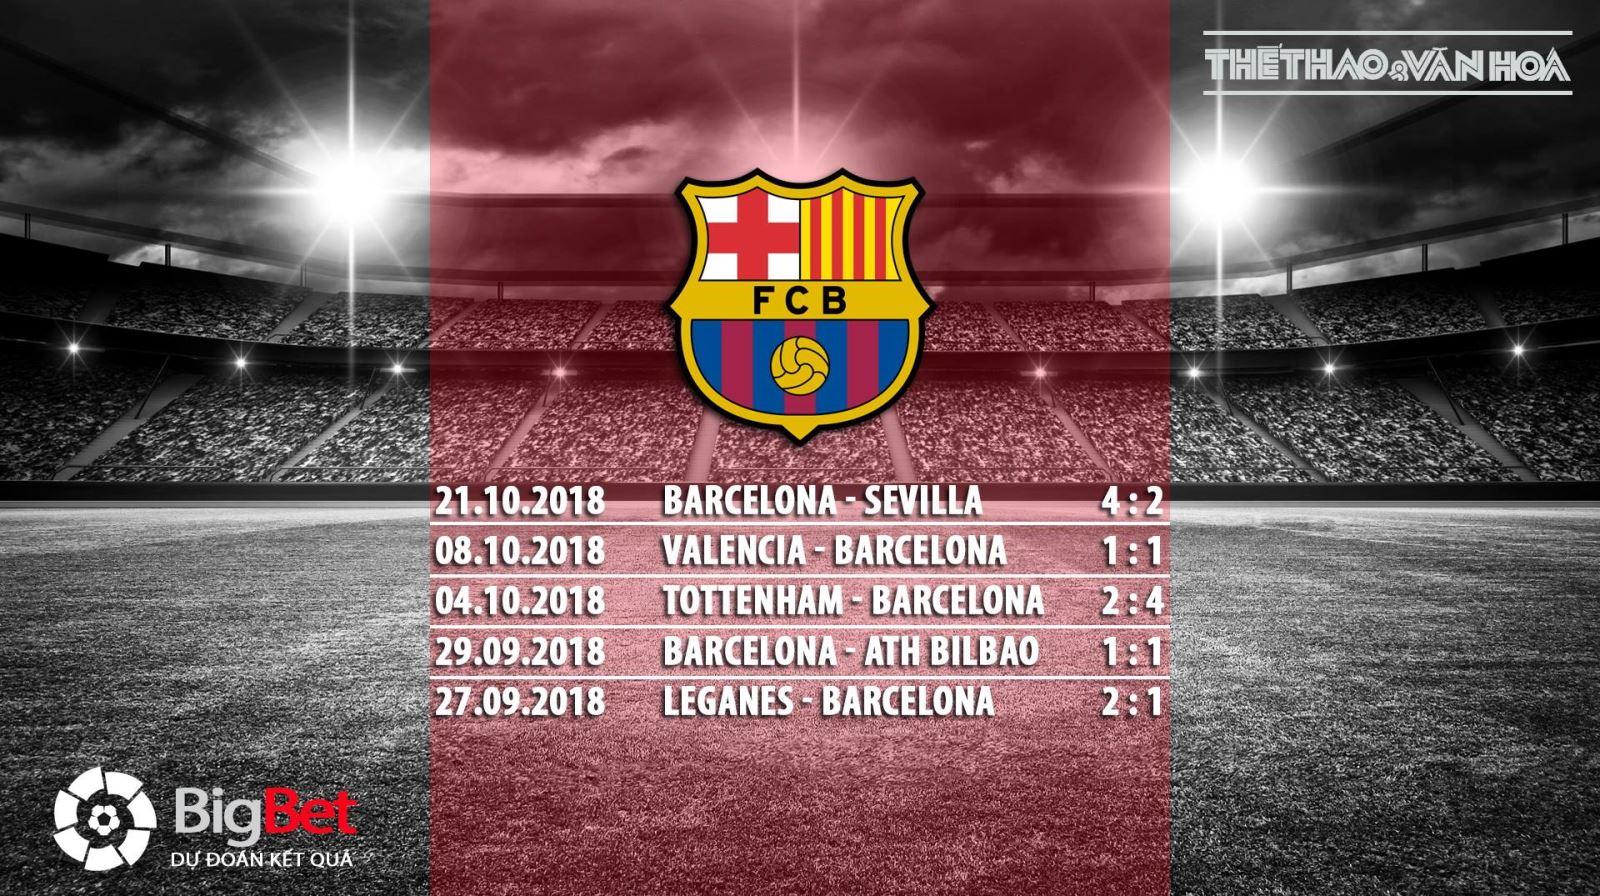 Dự đoán bóng đá. Dự đoán Real Madrid. Dự đoán Barcelona. Dự đoán bóng đá Barca vs Real